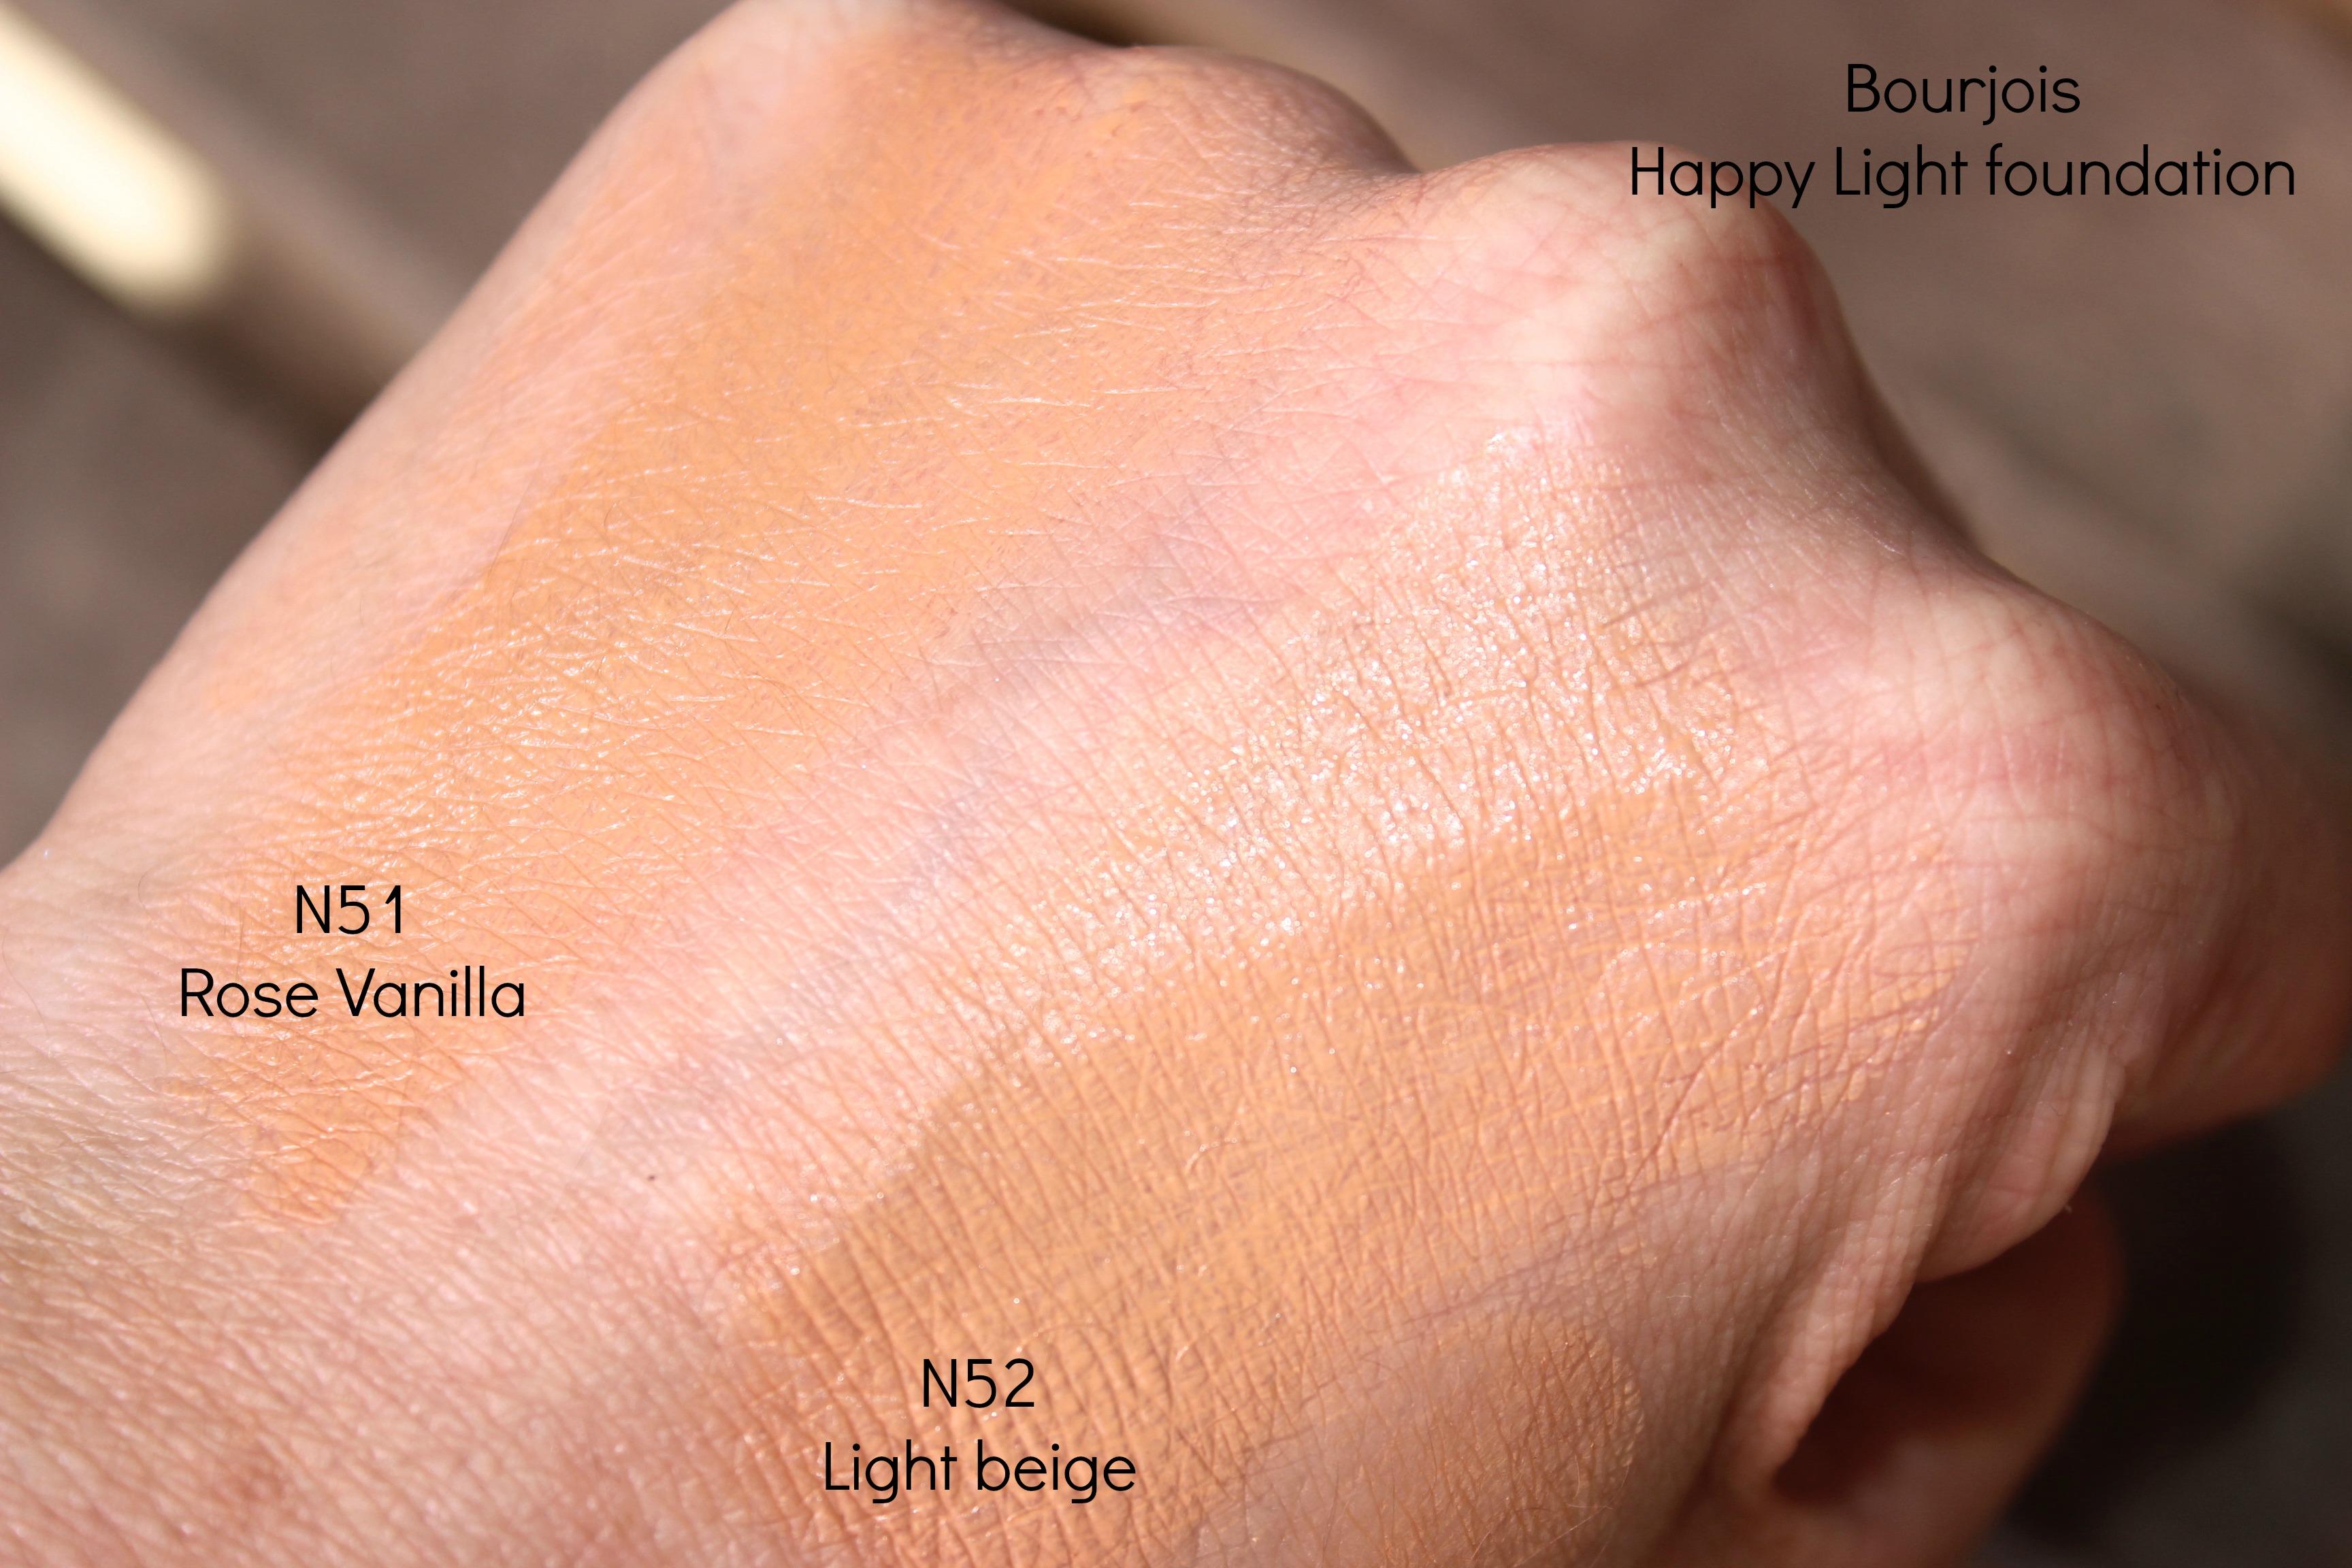 Bourjois happy light foundation n52 Light beige swatch